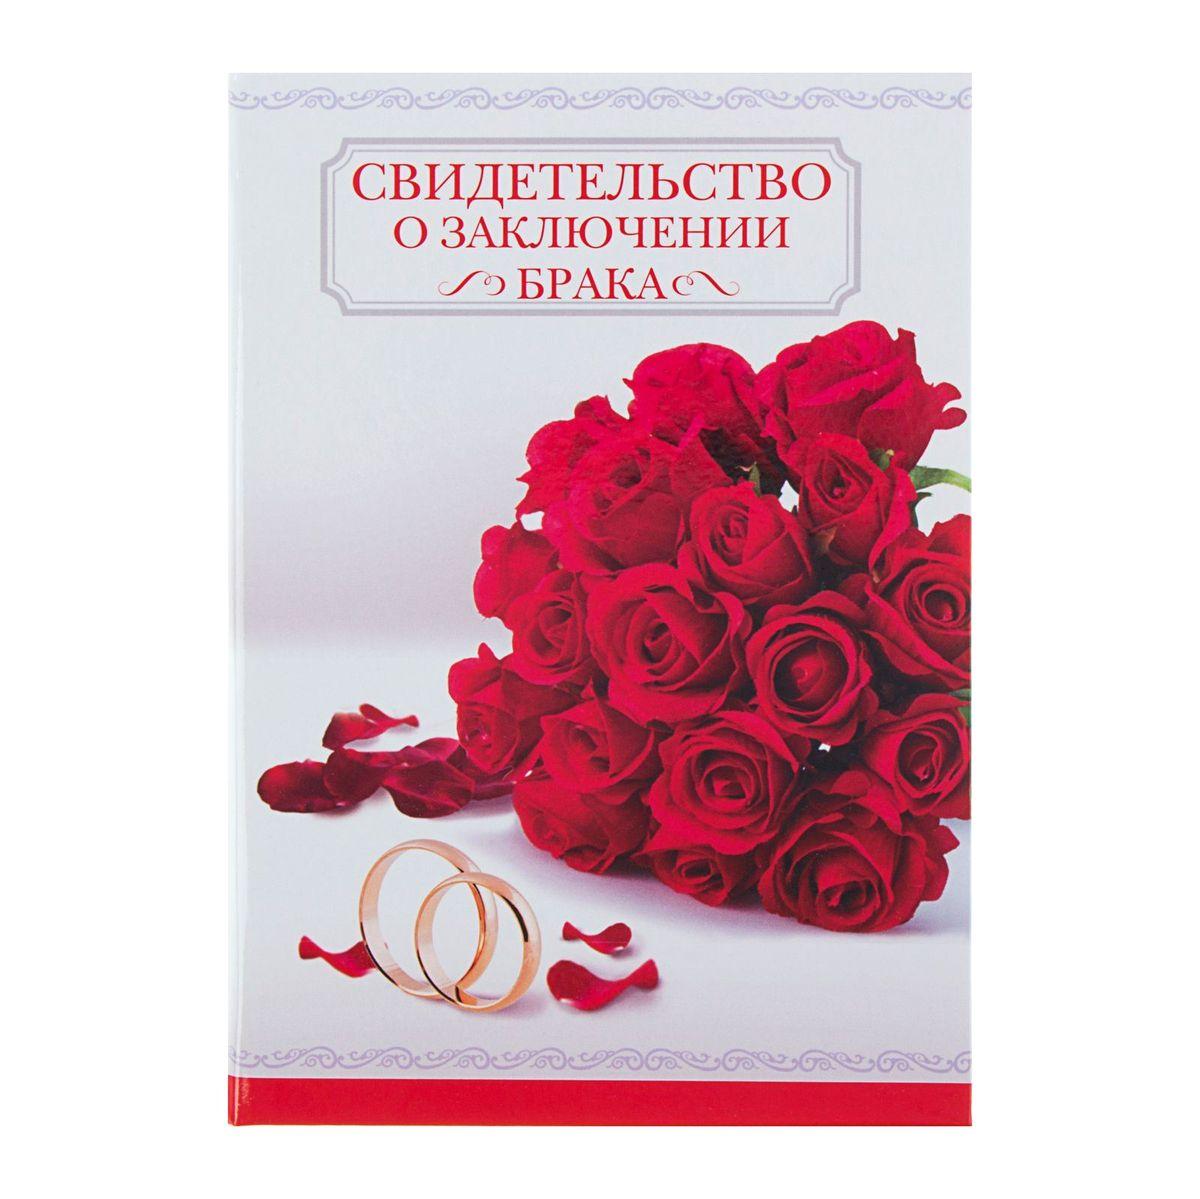 Sima-land Папка под свидетельство о заключении брака Красные розы, 14,2х20,5 см.1300372Для молодоженов такая папка незаменима, если они хотят сохранить столь важный документ в первозданном виде на долгое время. Эксклюзивный дизайн обложки придаст торжественности и создаст отличное настроение новобрачным. Эта папка отлично подойдет, если вы готовитесь к собственному торжеству, также ее можно приобрести в подарок.